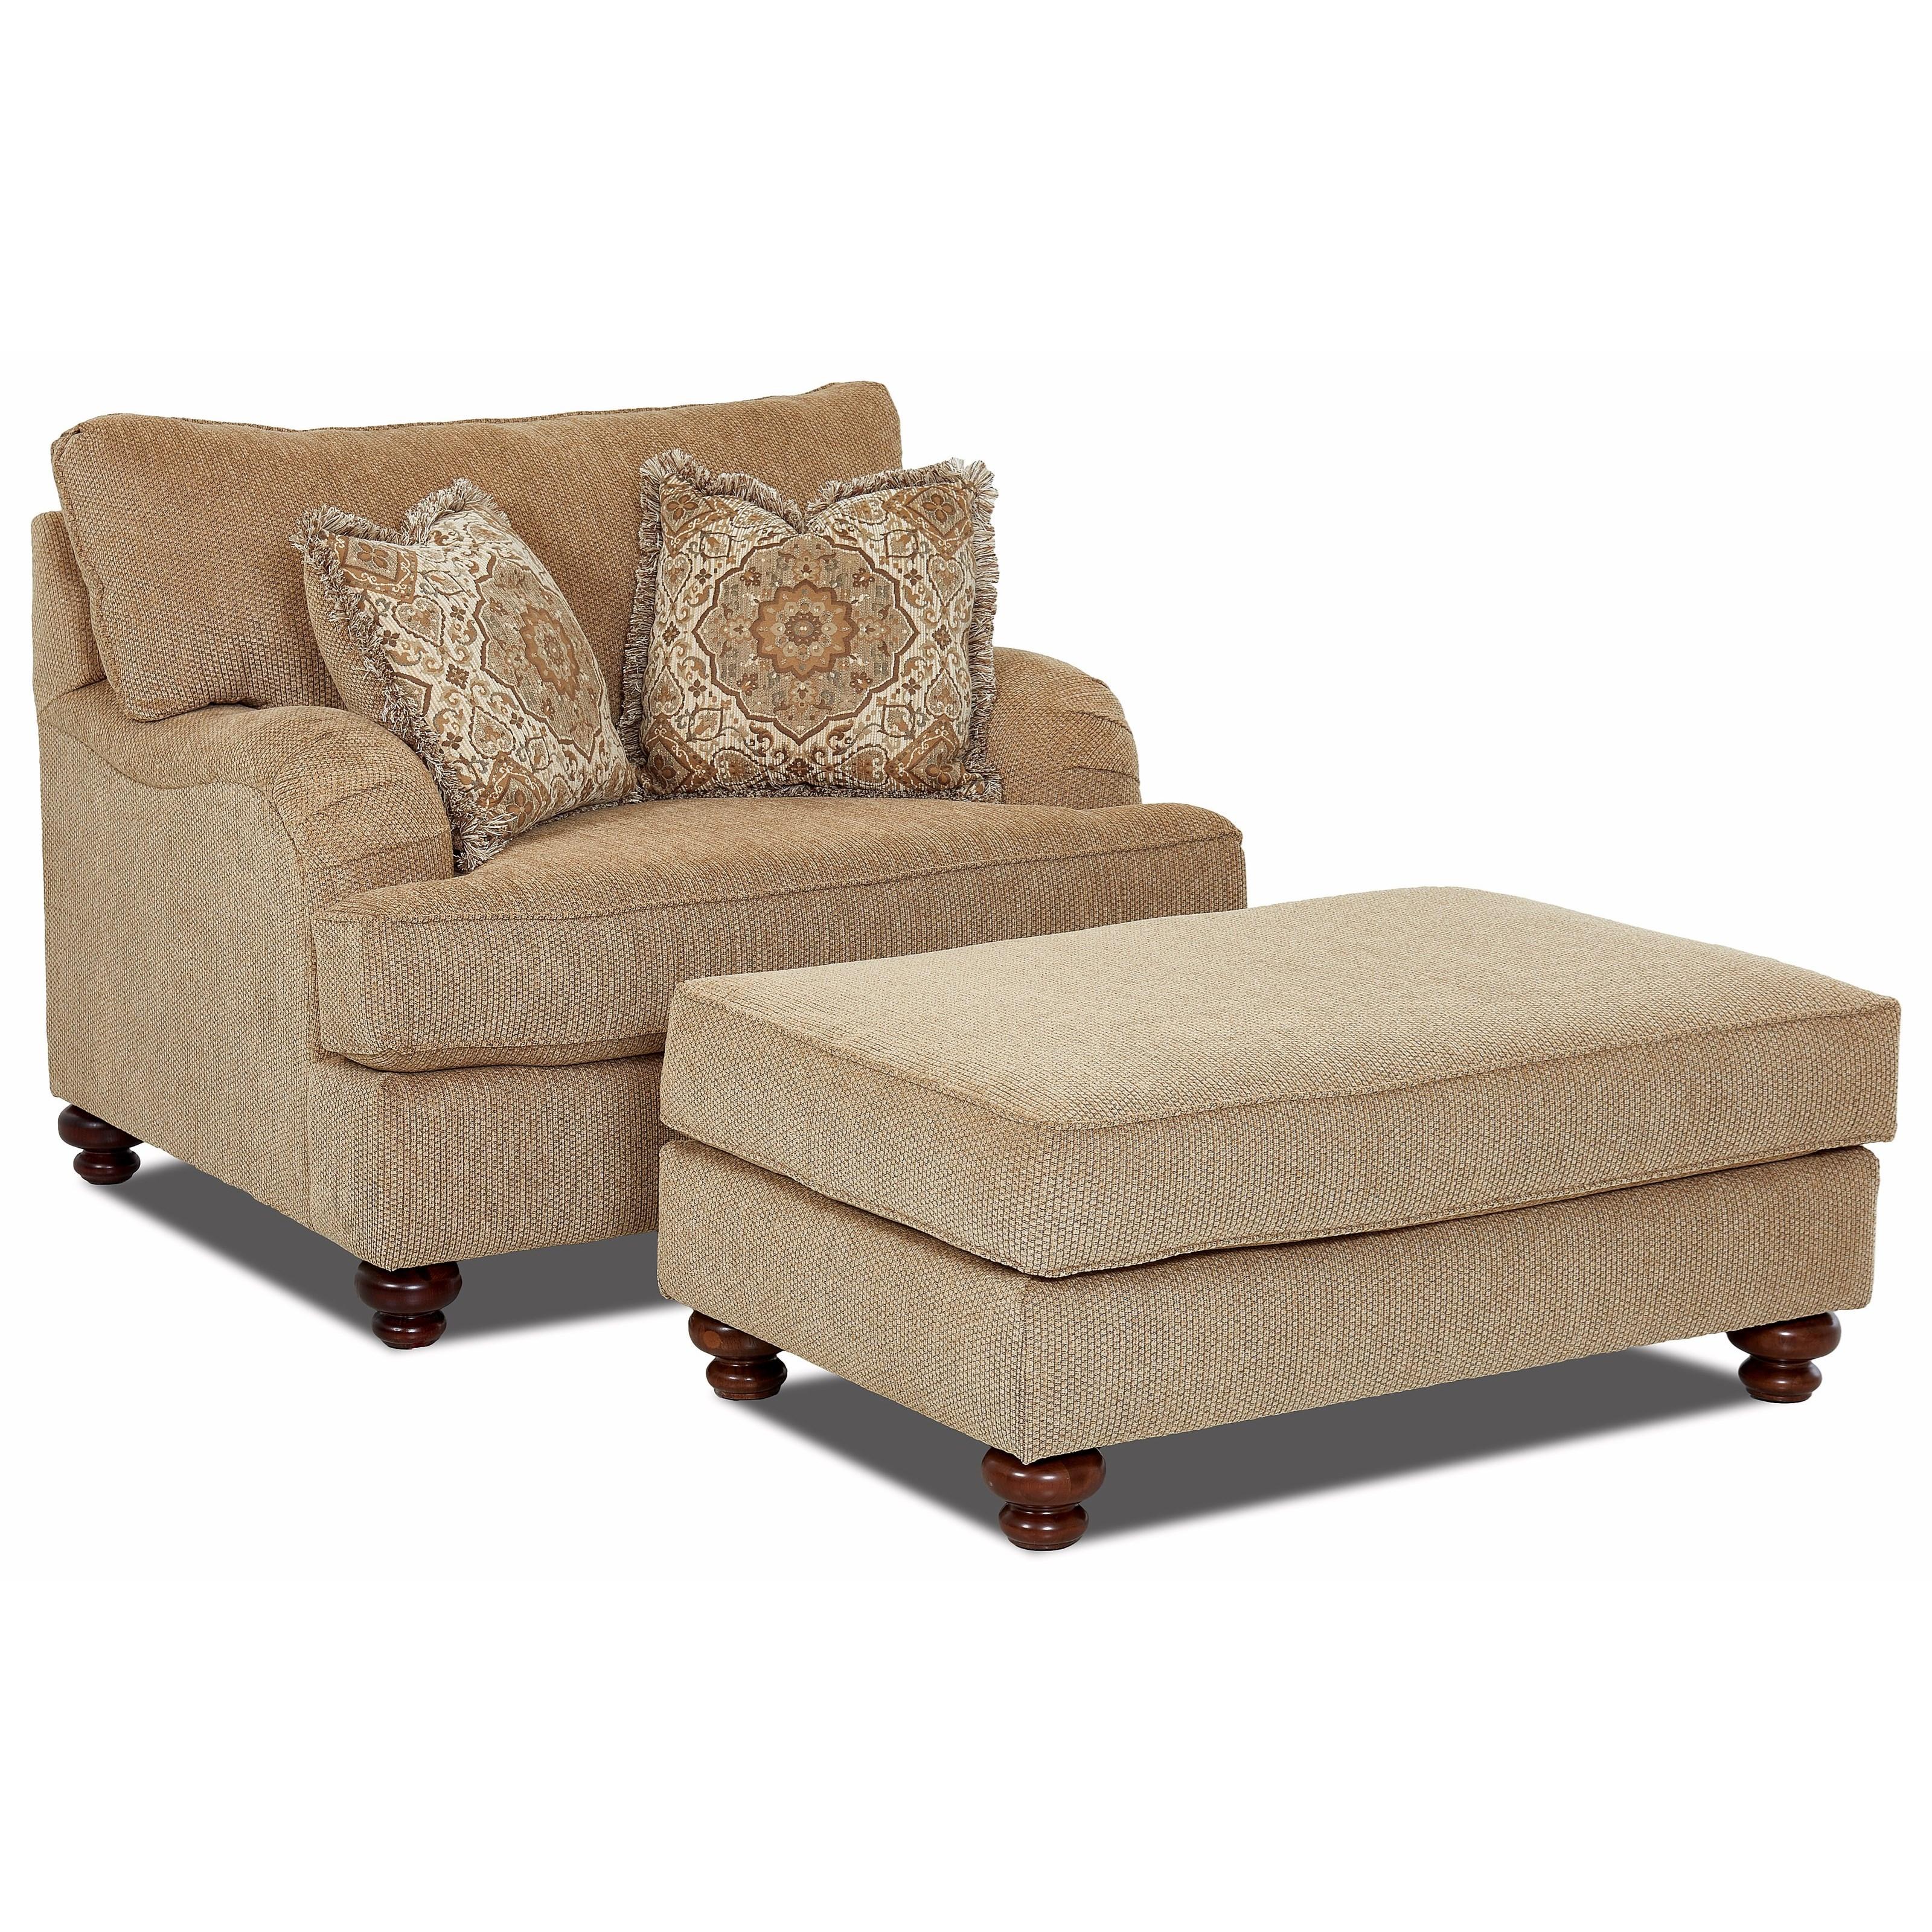 Declan Chair Ottoman Set